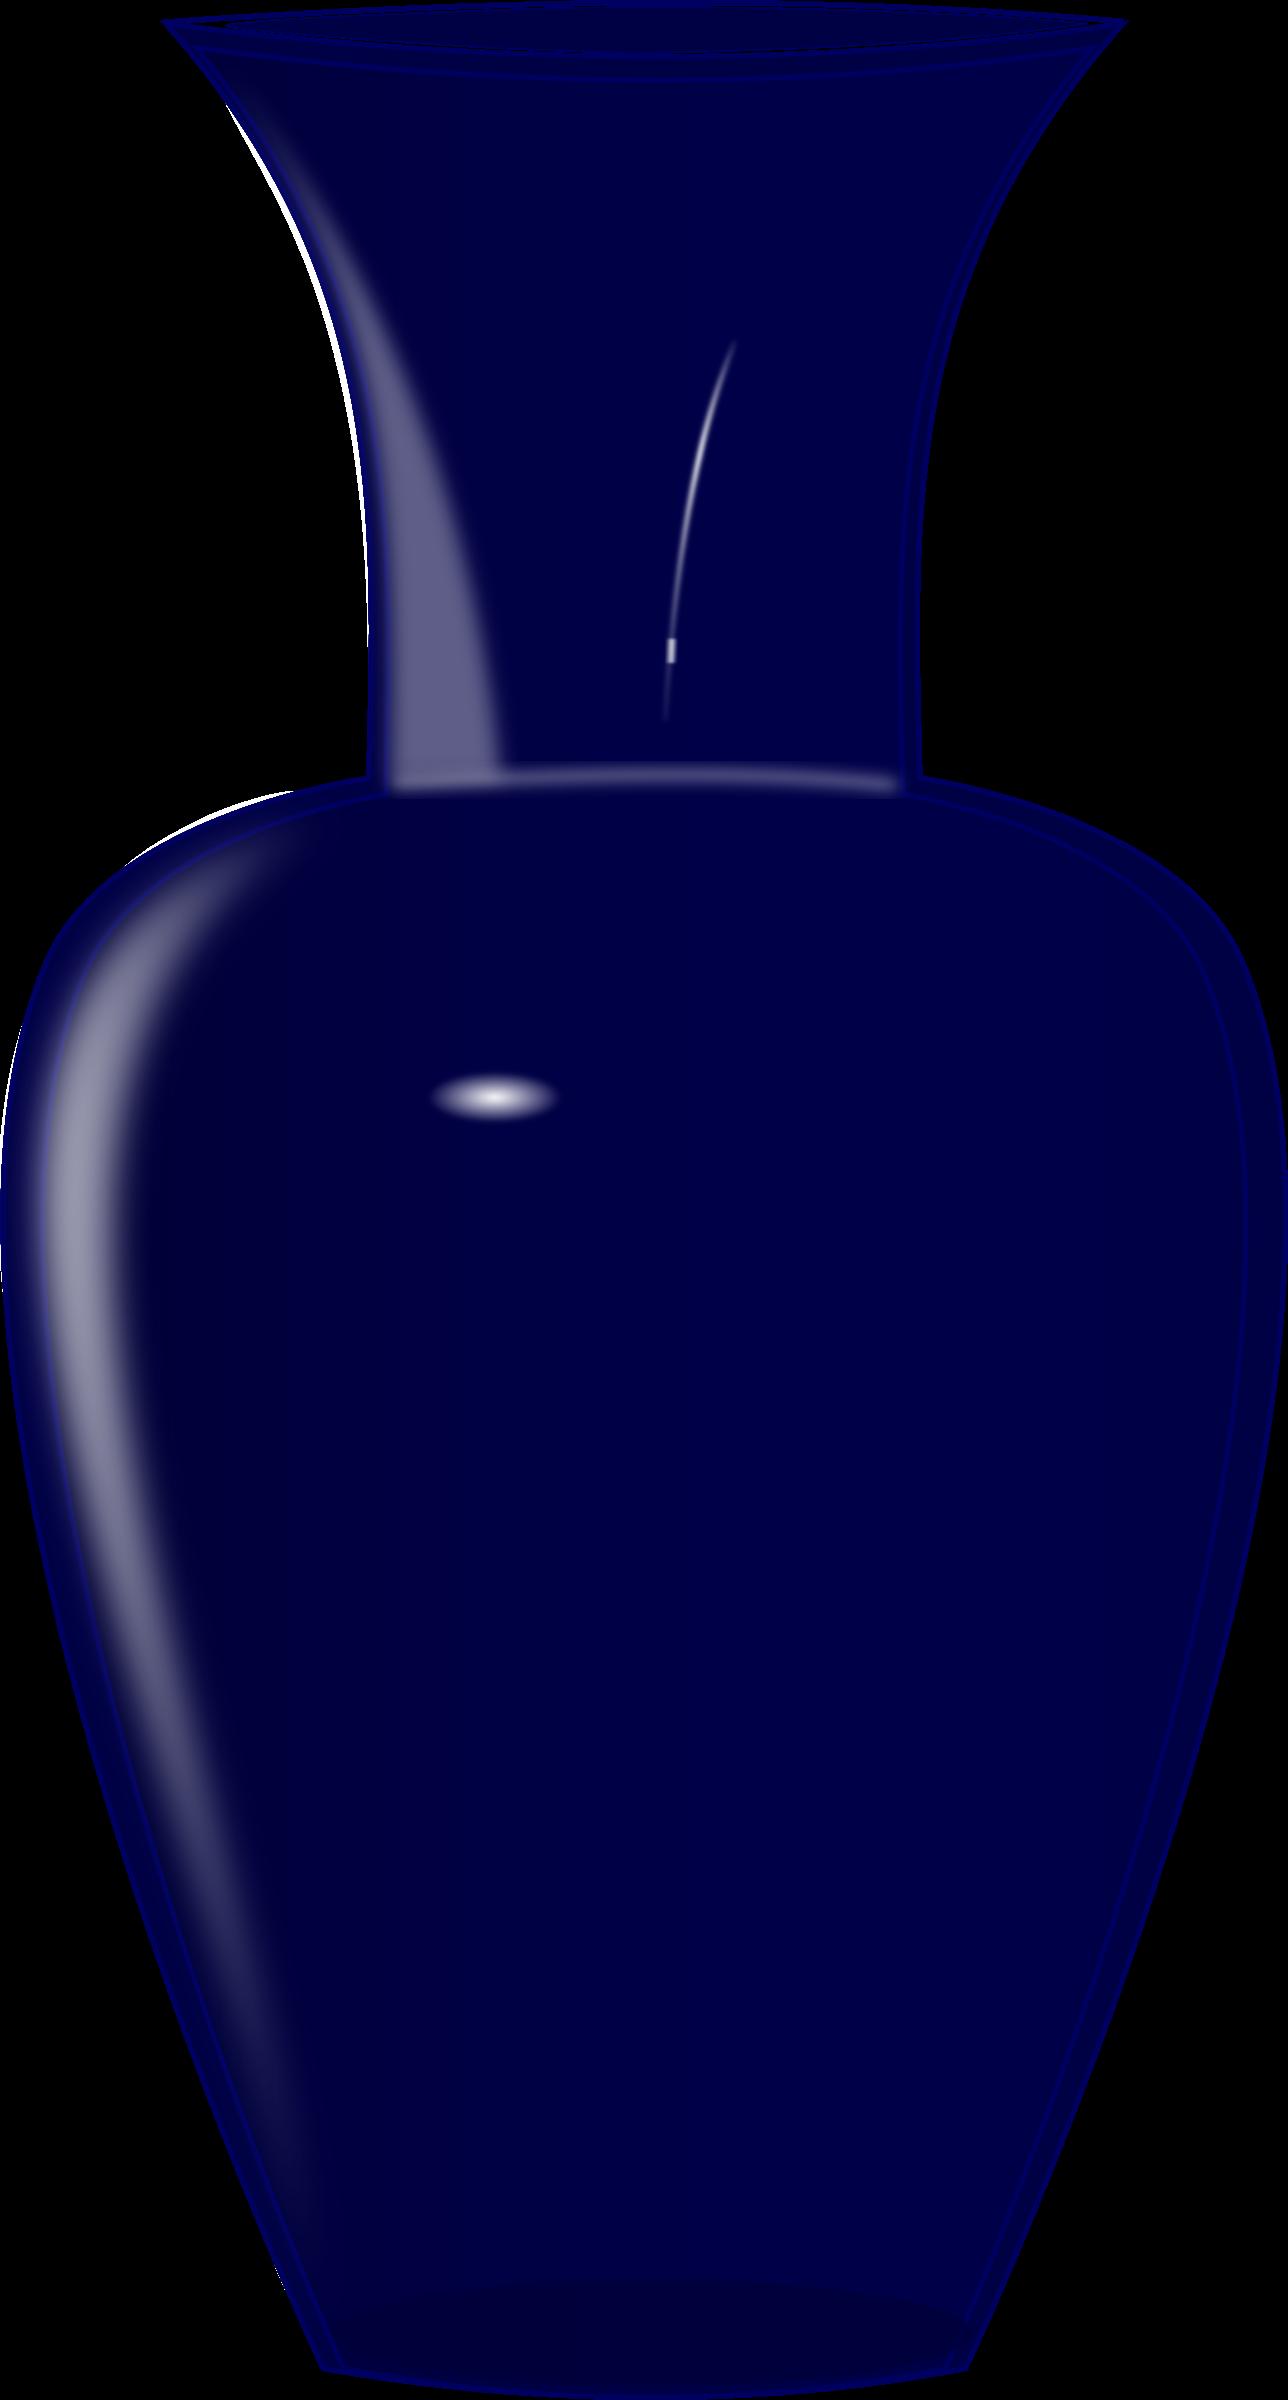 Clipart images vase. Blue glass big image